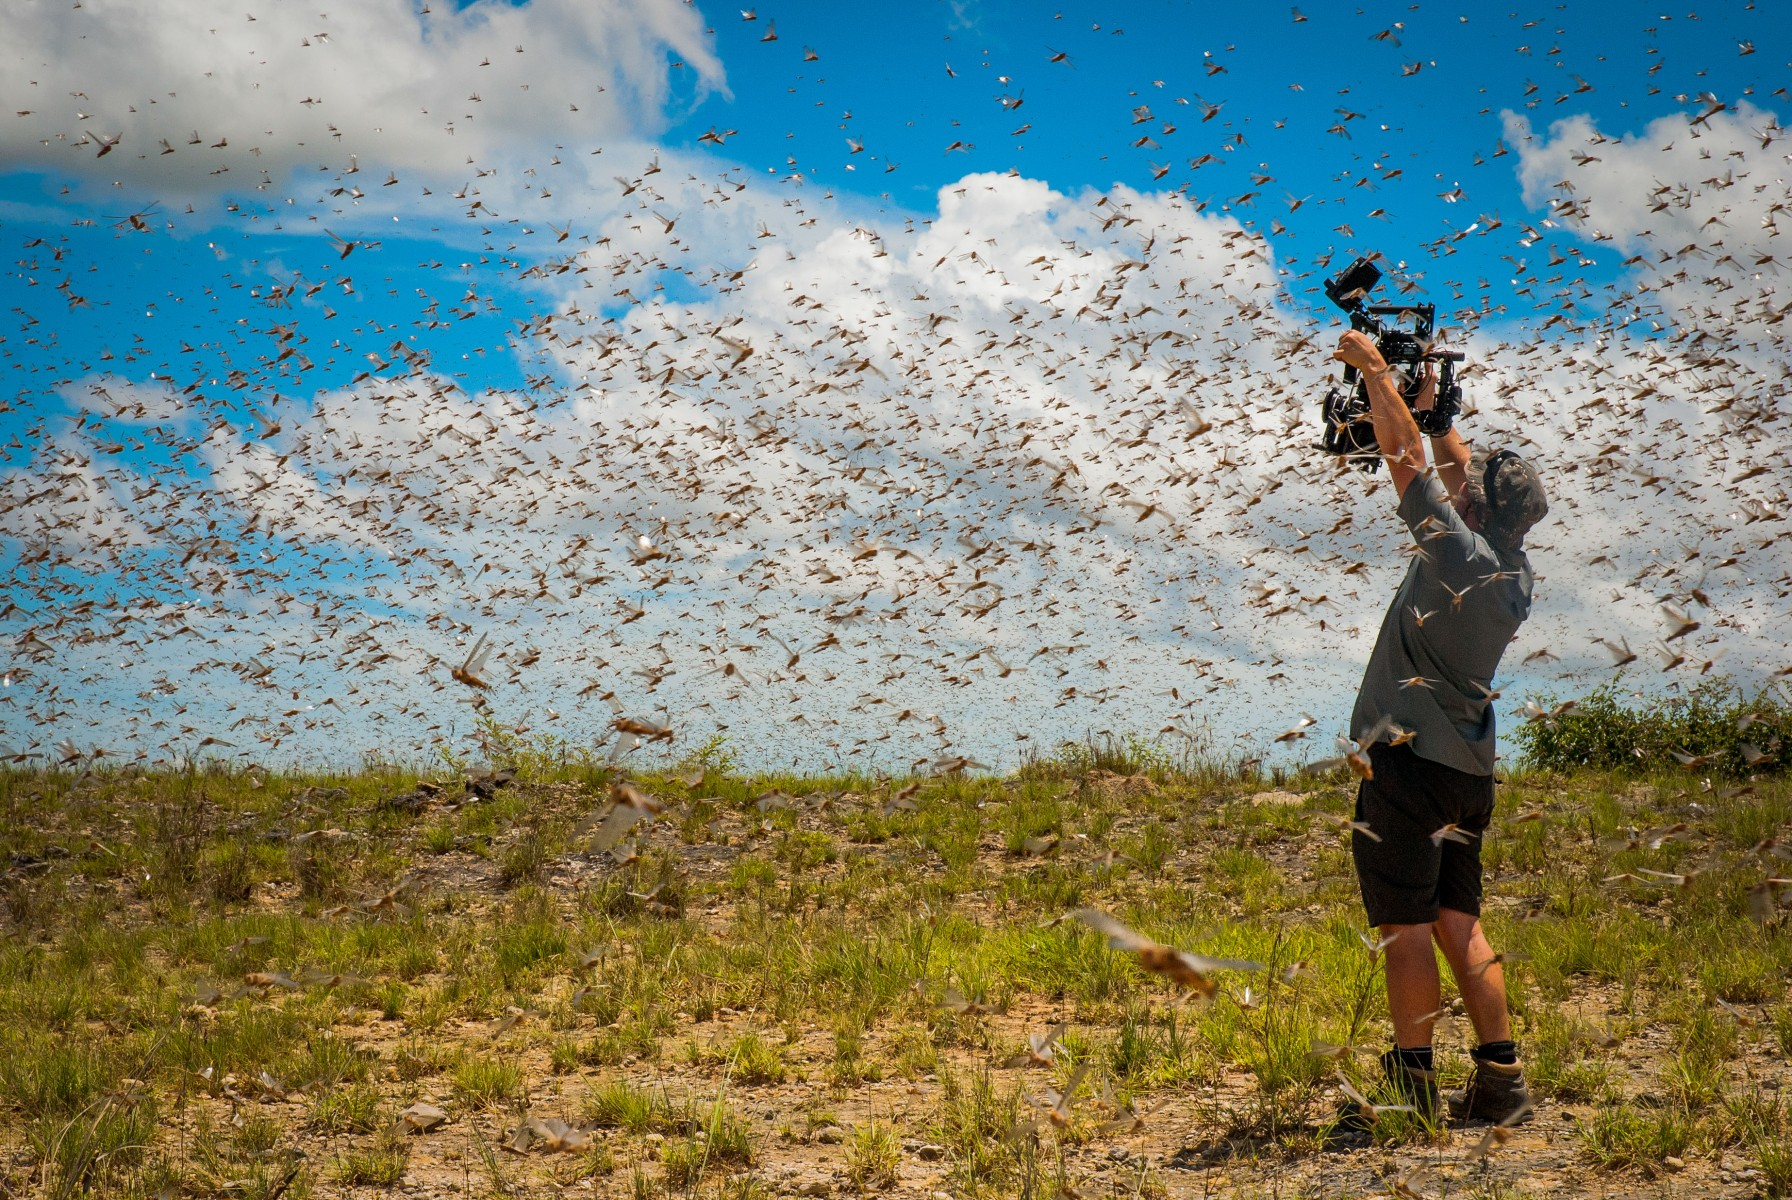 Mitten in einem Superschwarm von Grashüpfern: Kameramann Rob Drewett (Copyright Ed Charles 2016 & polyband)